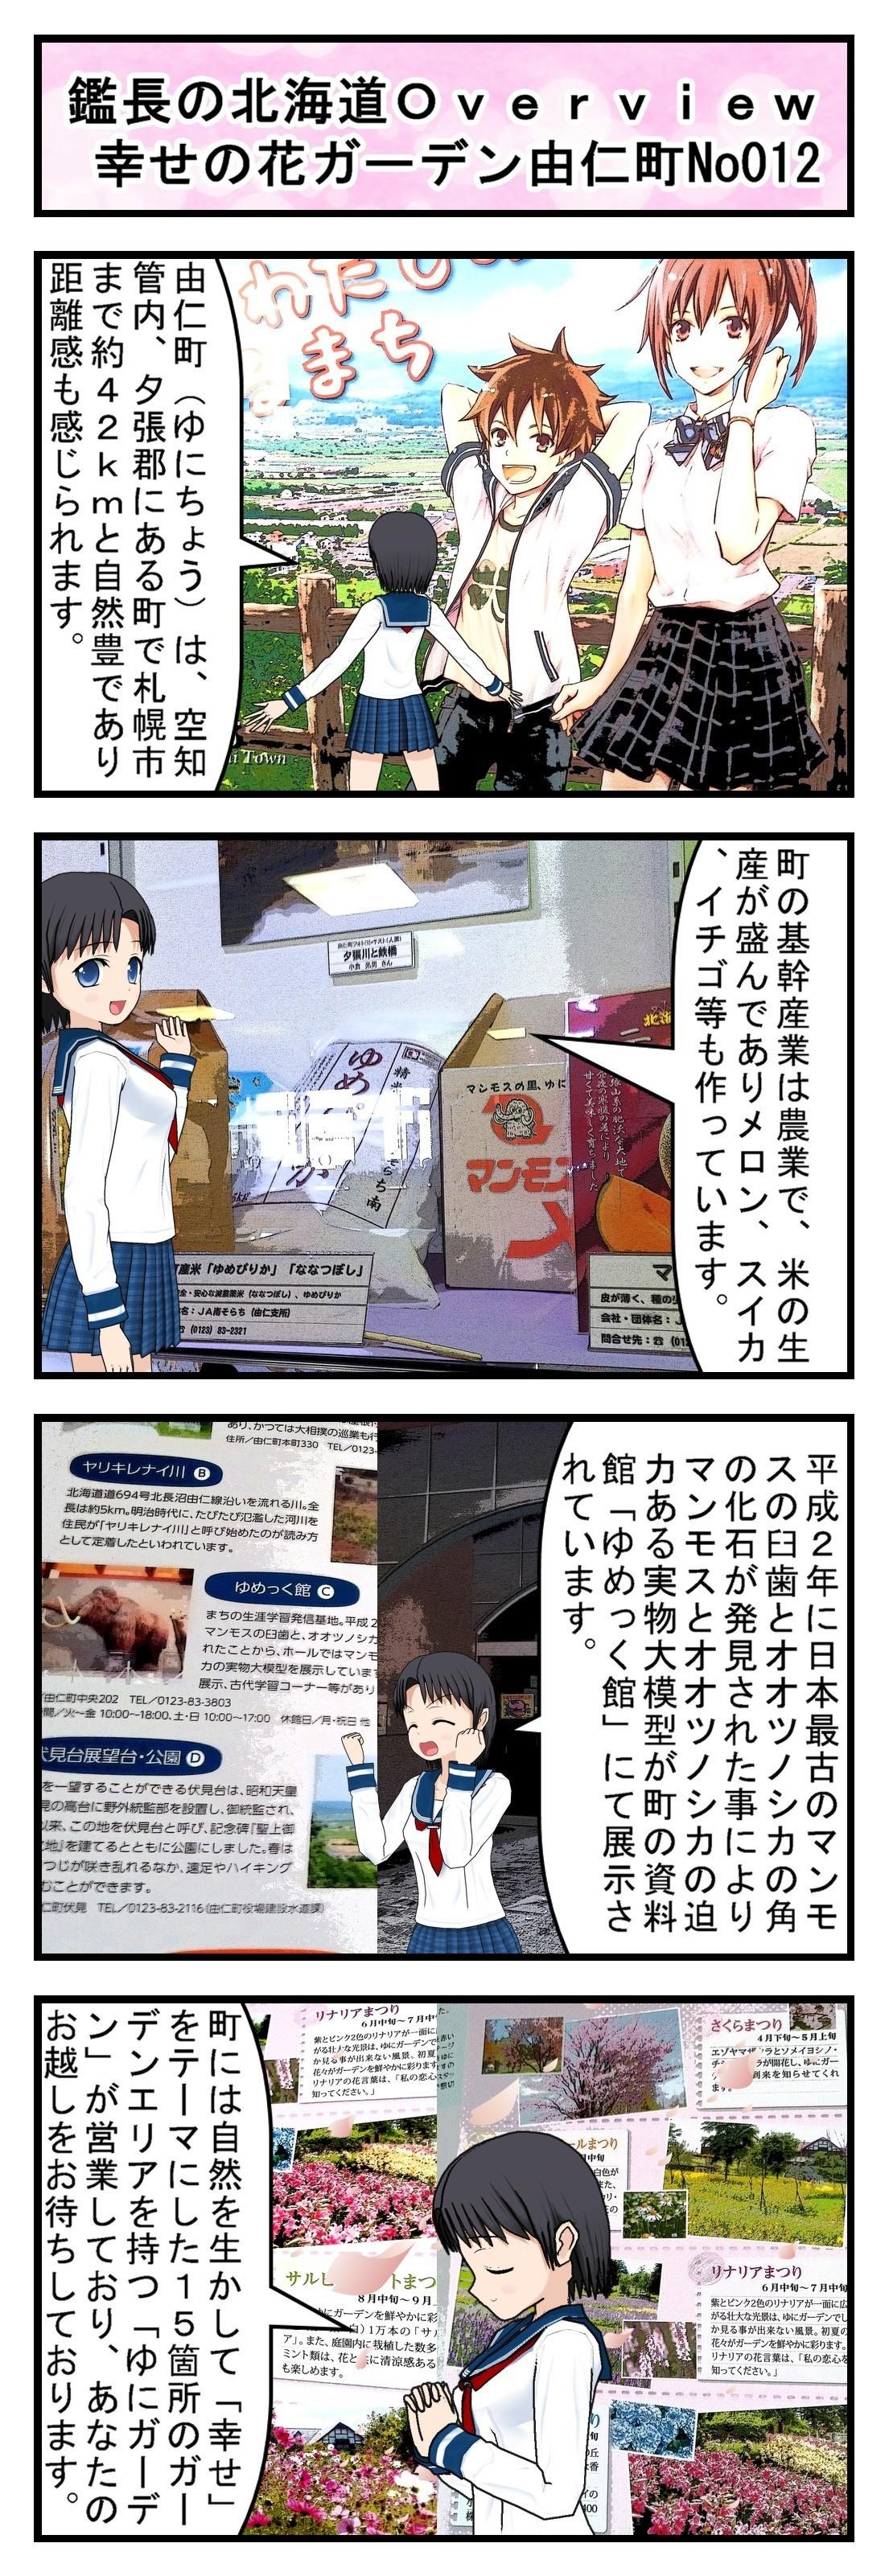 「鑑長の北海道Overview NO012」 (幸せの花ガーデン由仁町)  #由仁町 HP:http://www.town.yuni.lg.jp/   お待ちしています。 (○`ω´○